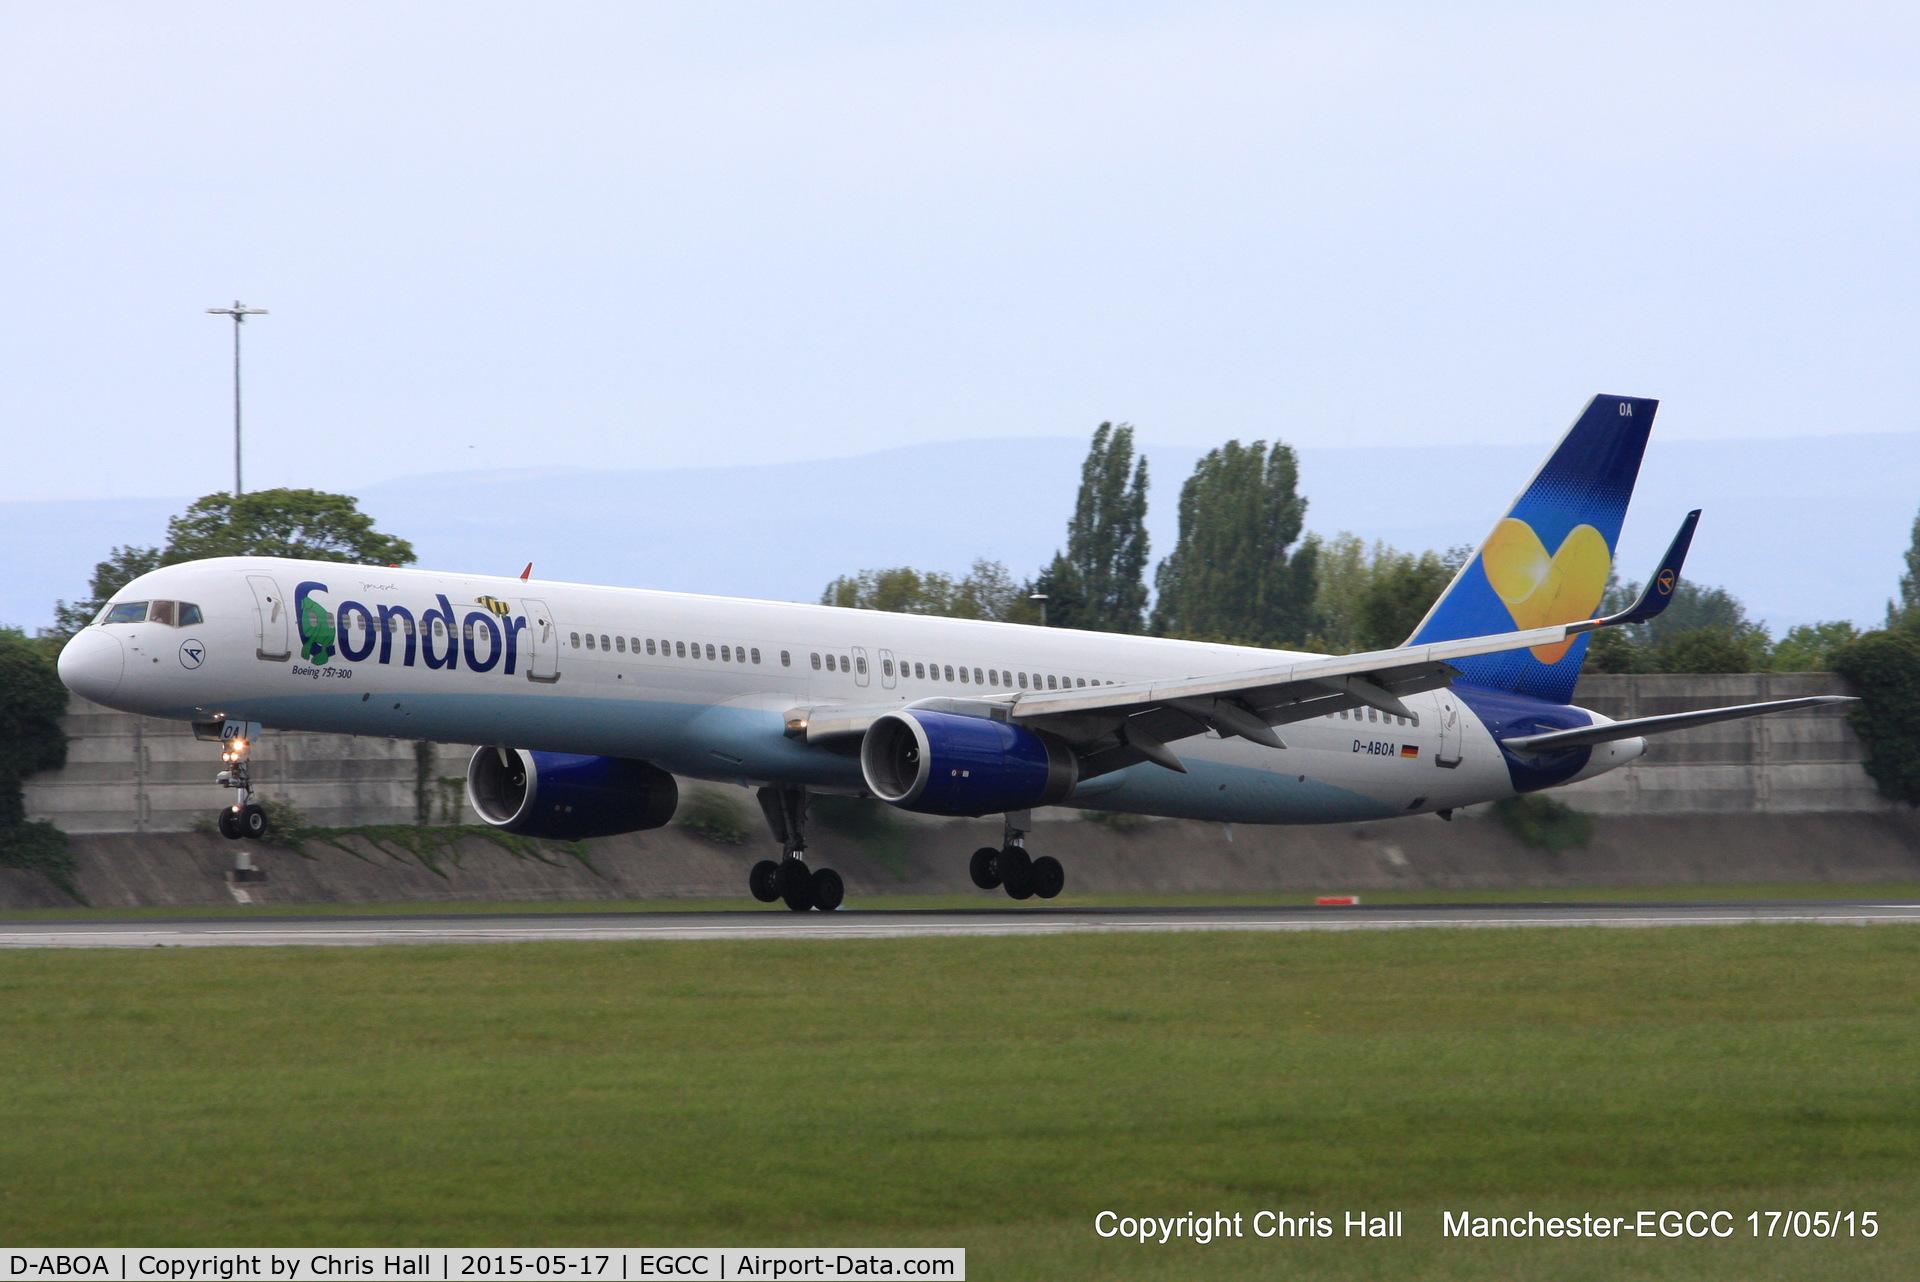 D-ABOA, 1998 Boeing 757-330 C/N 29016, Condor